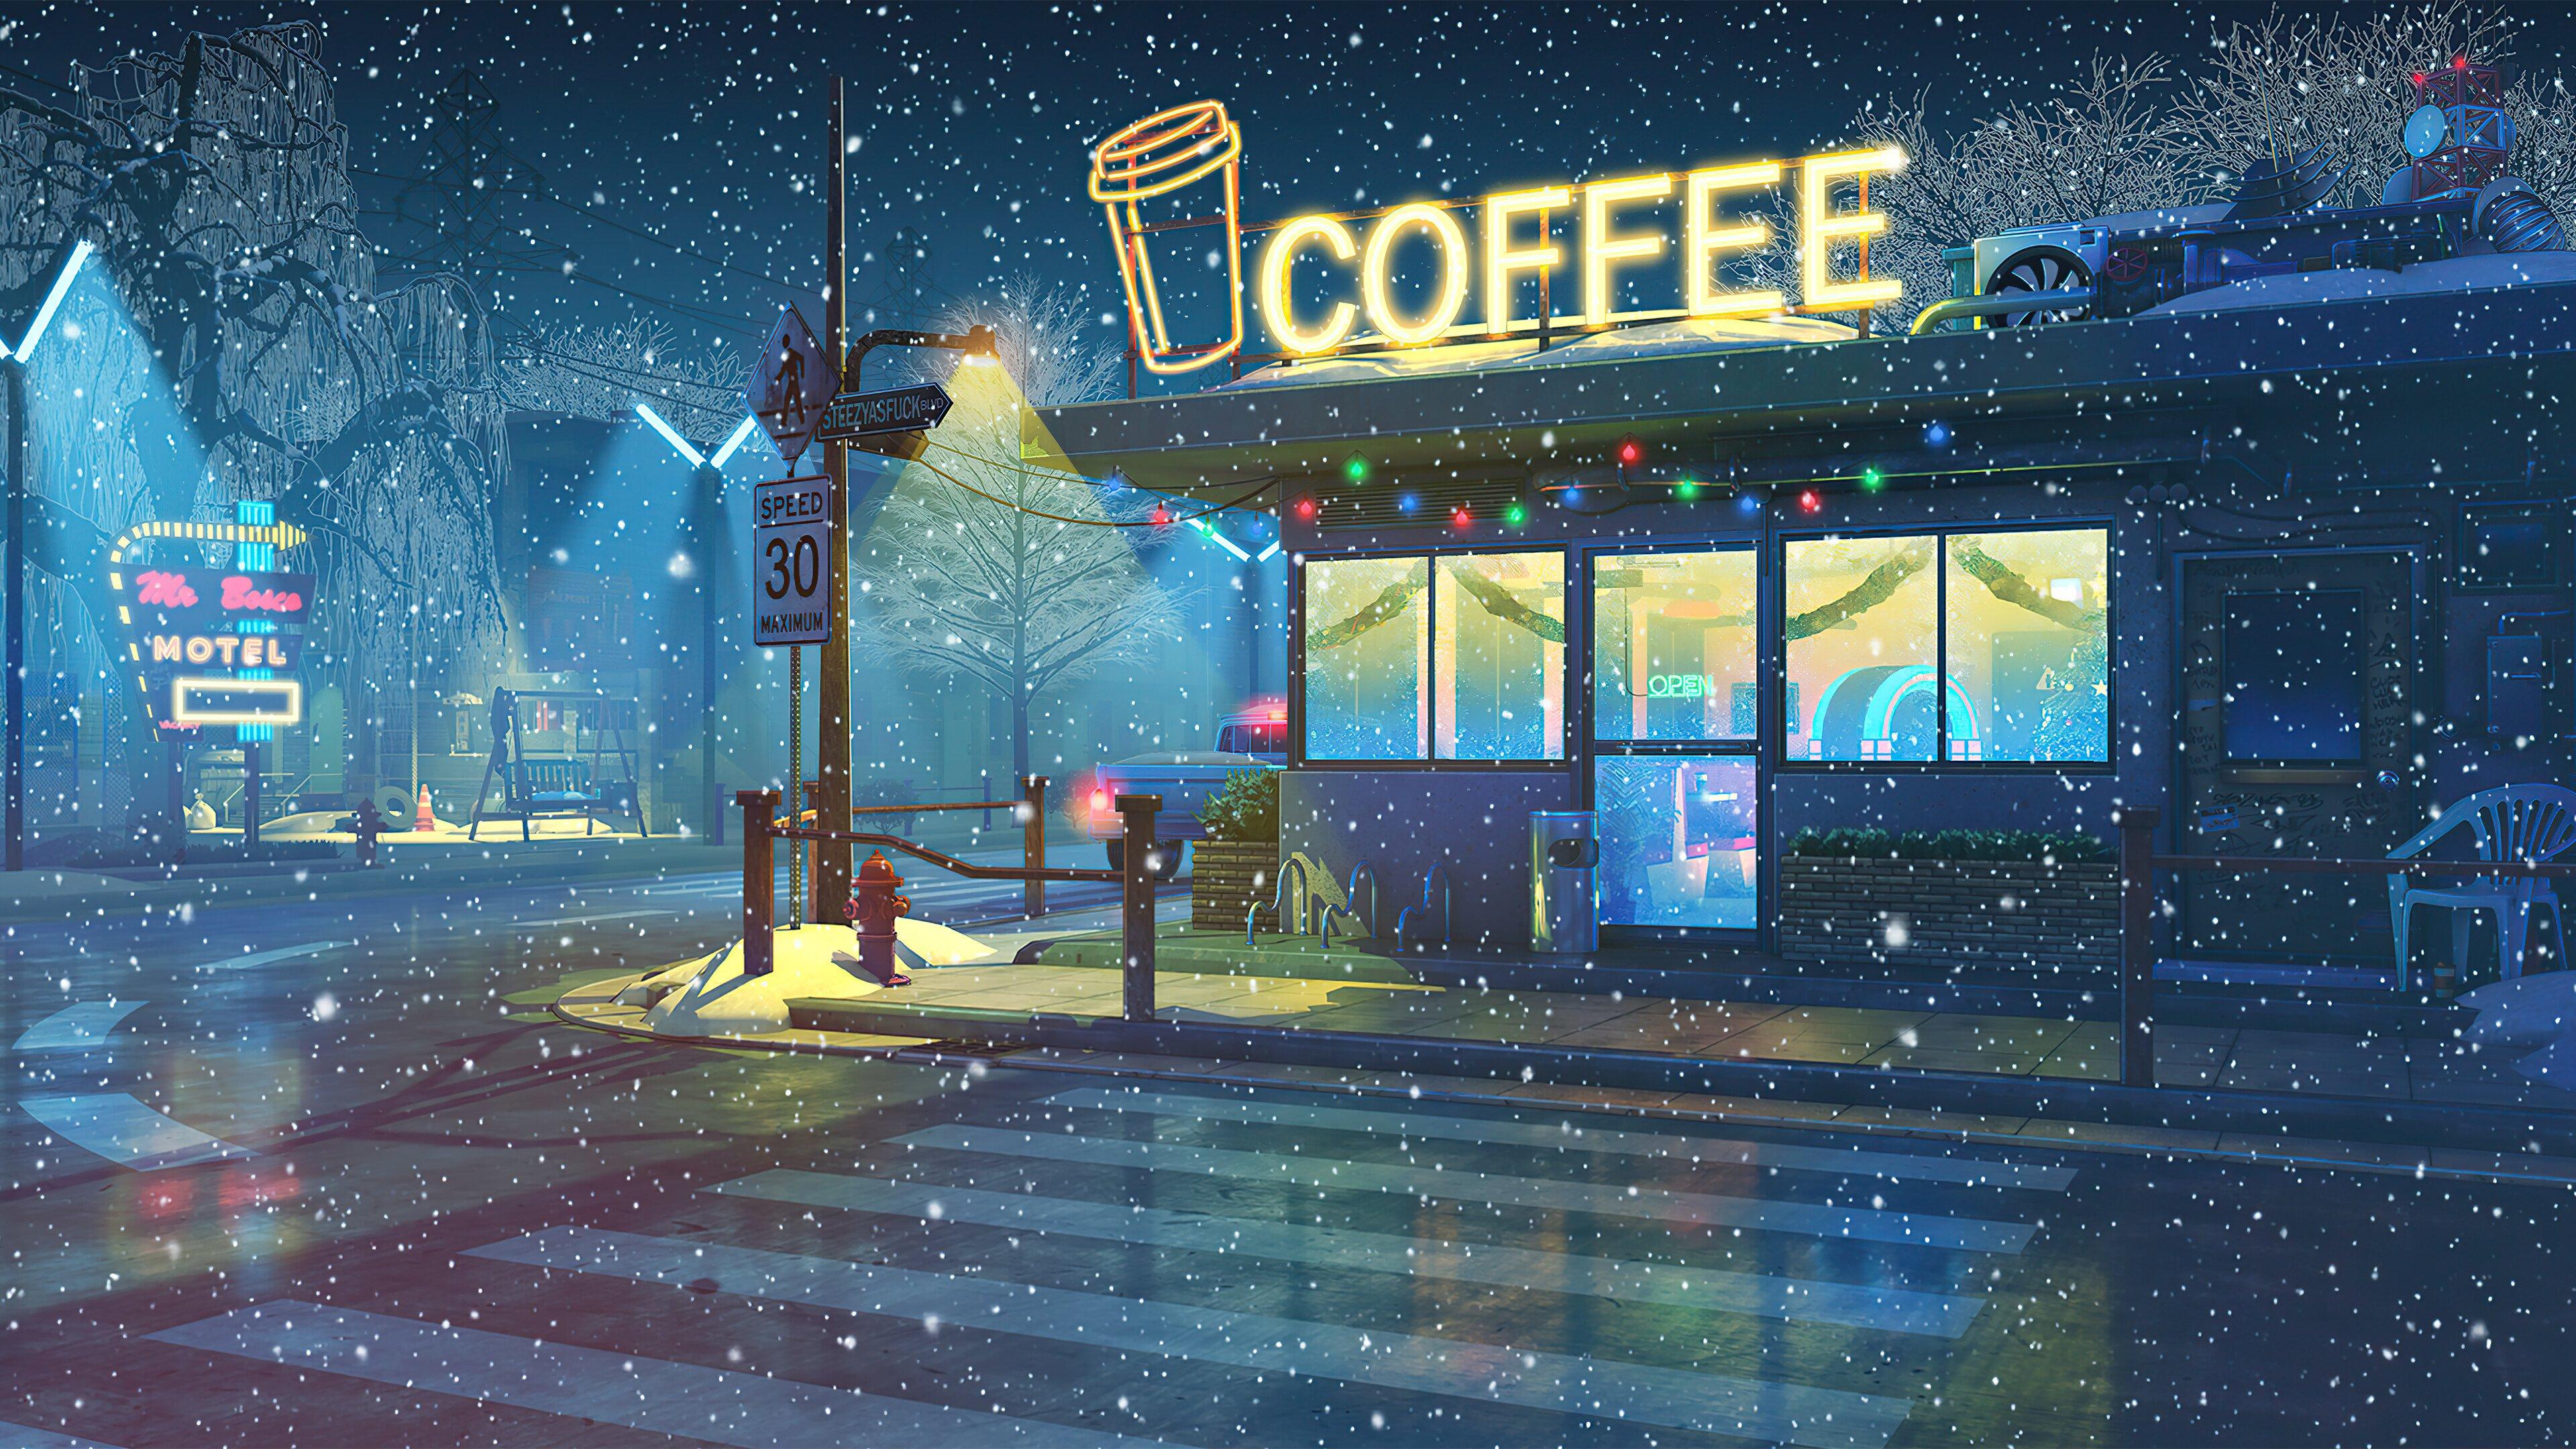 Fondos de pantalla Cafetería en el invierno durante la noche Arte Digital